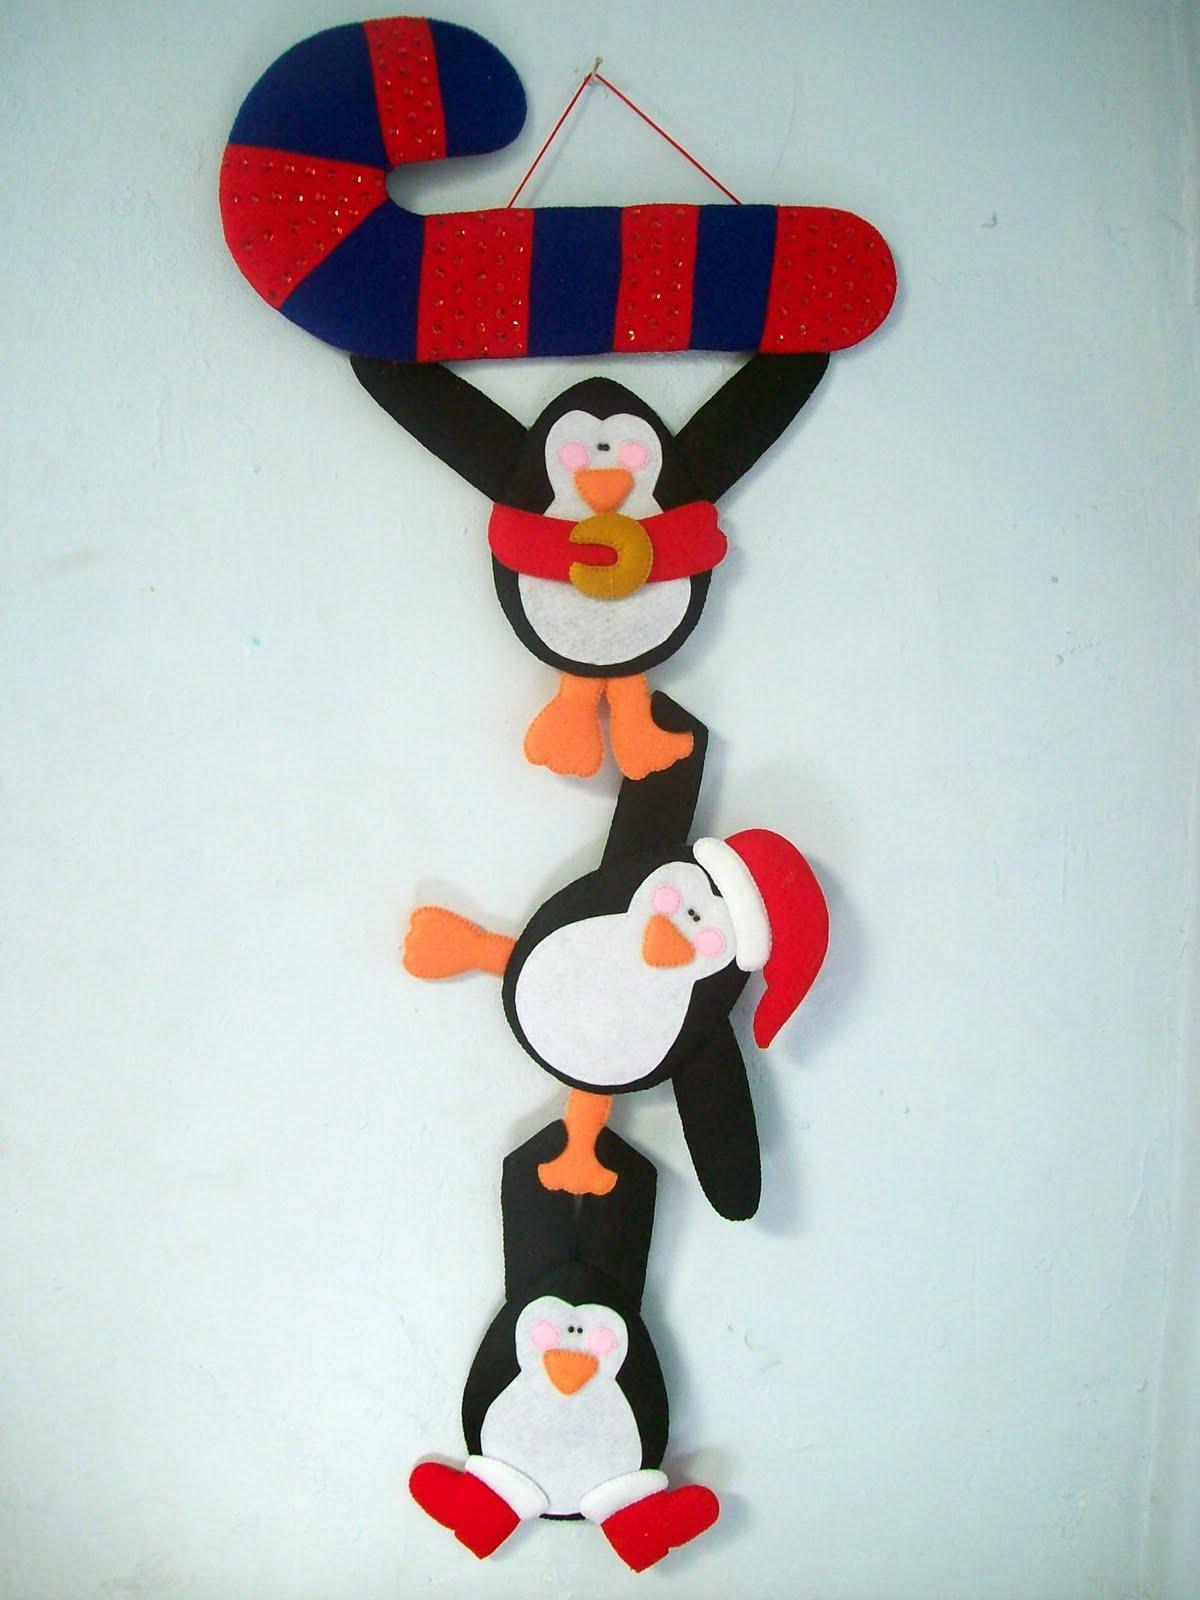 Shexeldetallitos blog de manualidades pinguinos colgados de un baston de fieltro - Manualidades en fieltro para navidad ...